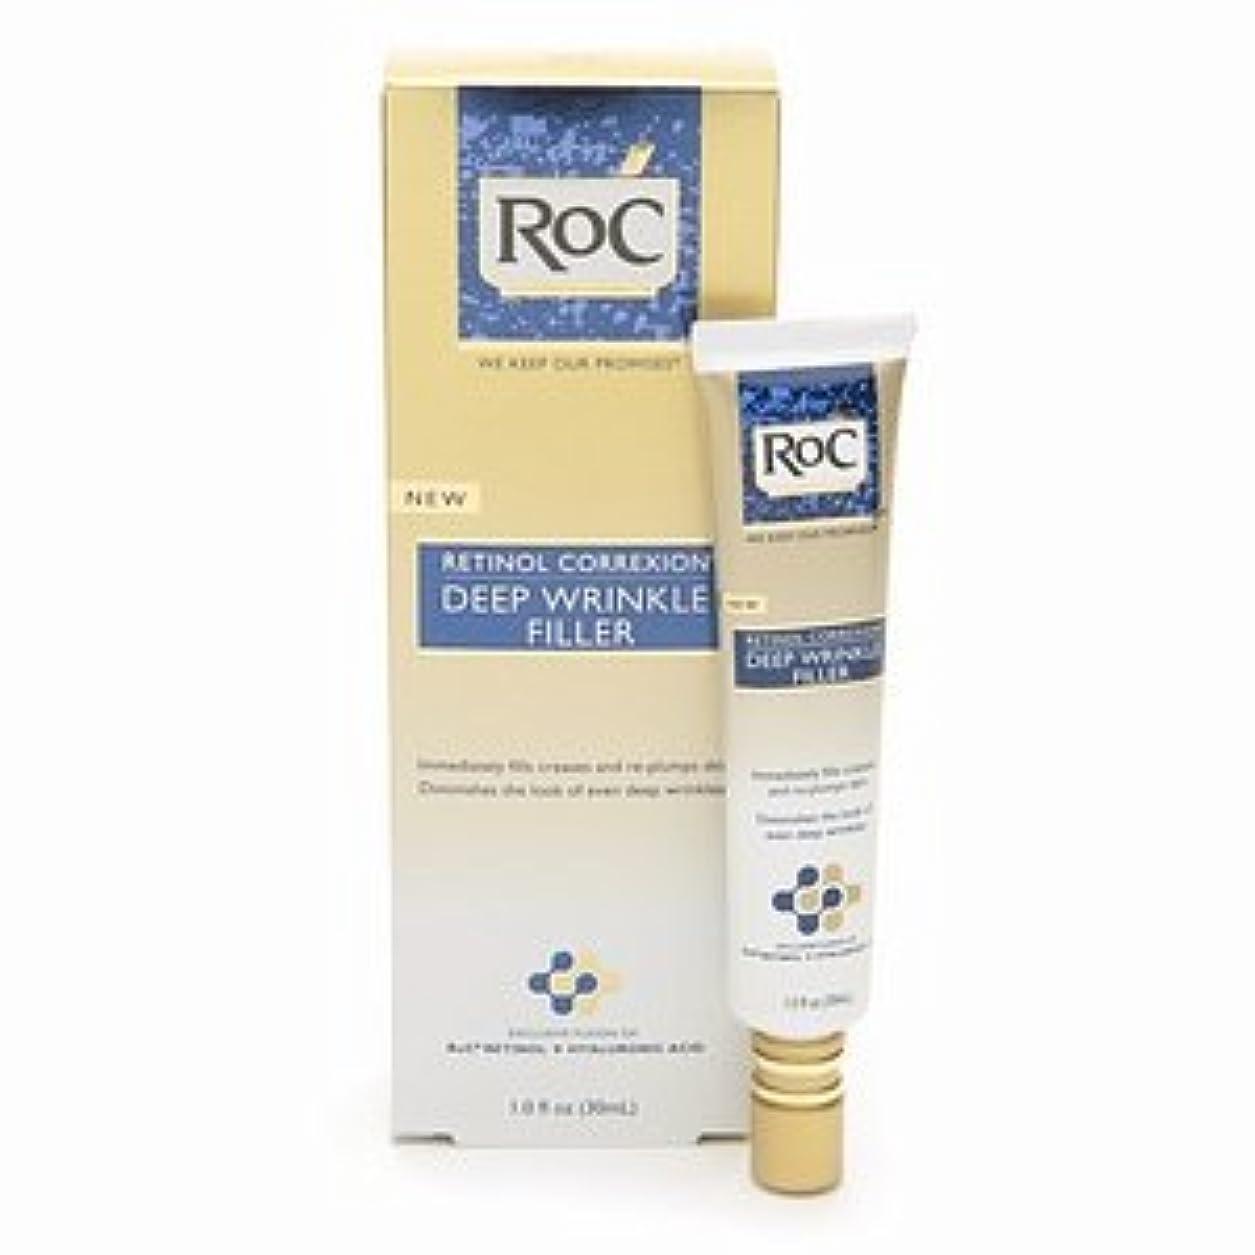 自発冷蔵庫汚染されたRoC レチノール コレクション ディープリンクル フィラー RoC Retinol Correxion Deep Wrinkle Filler